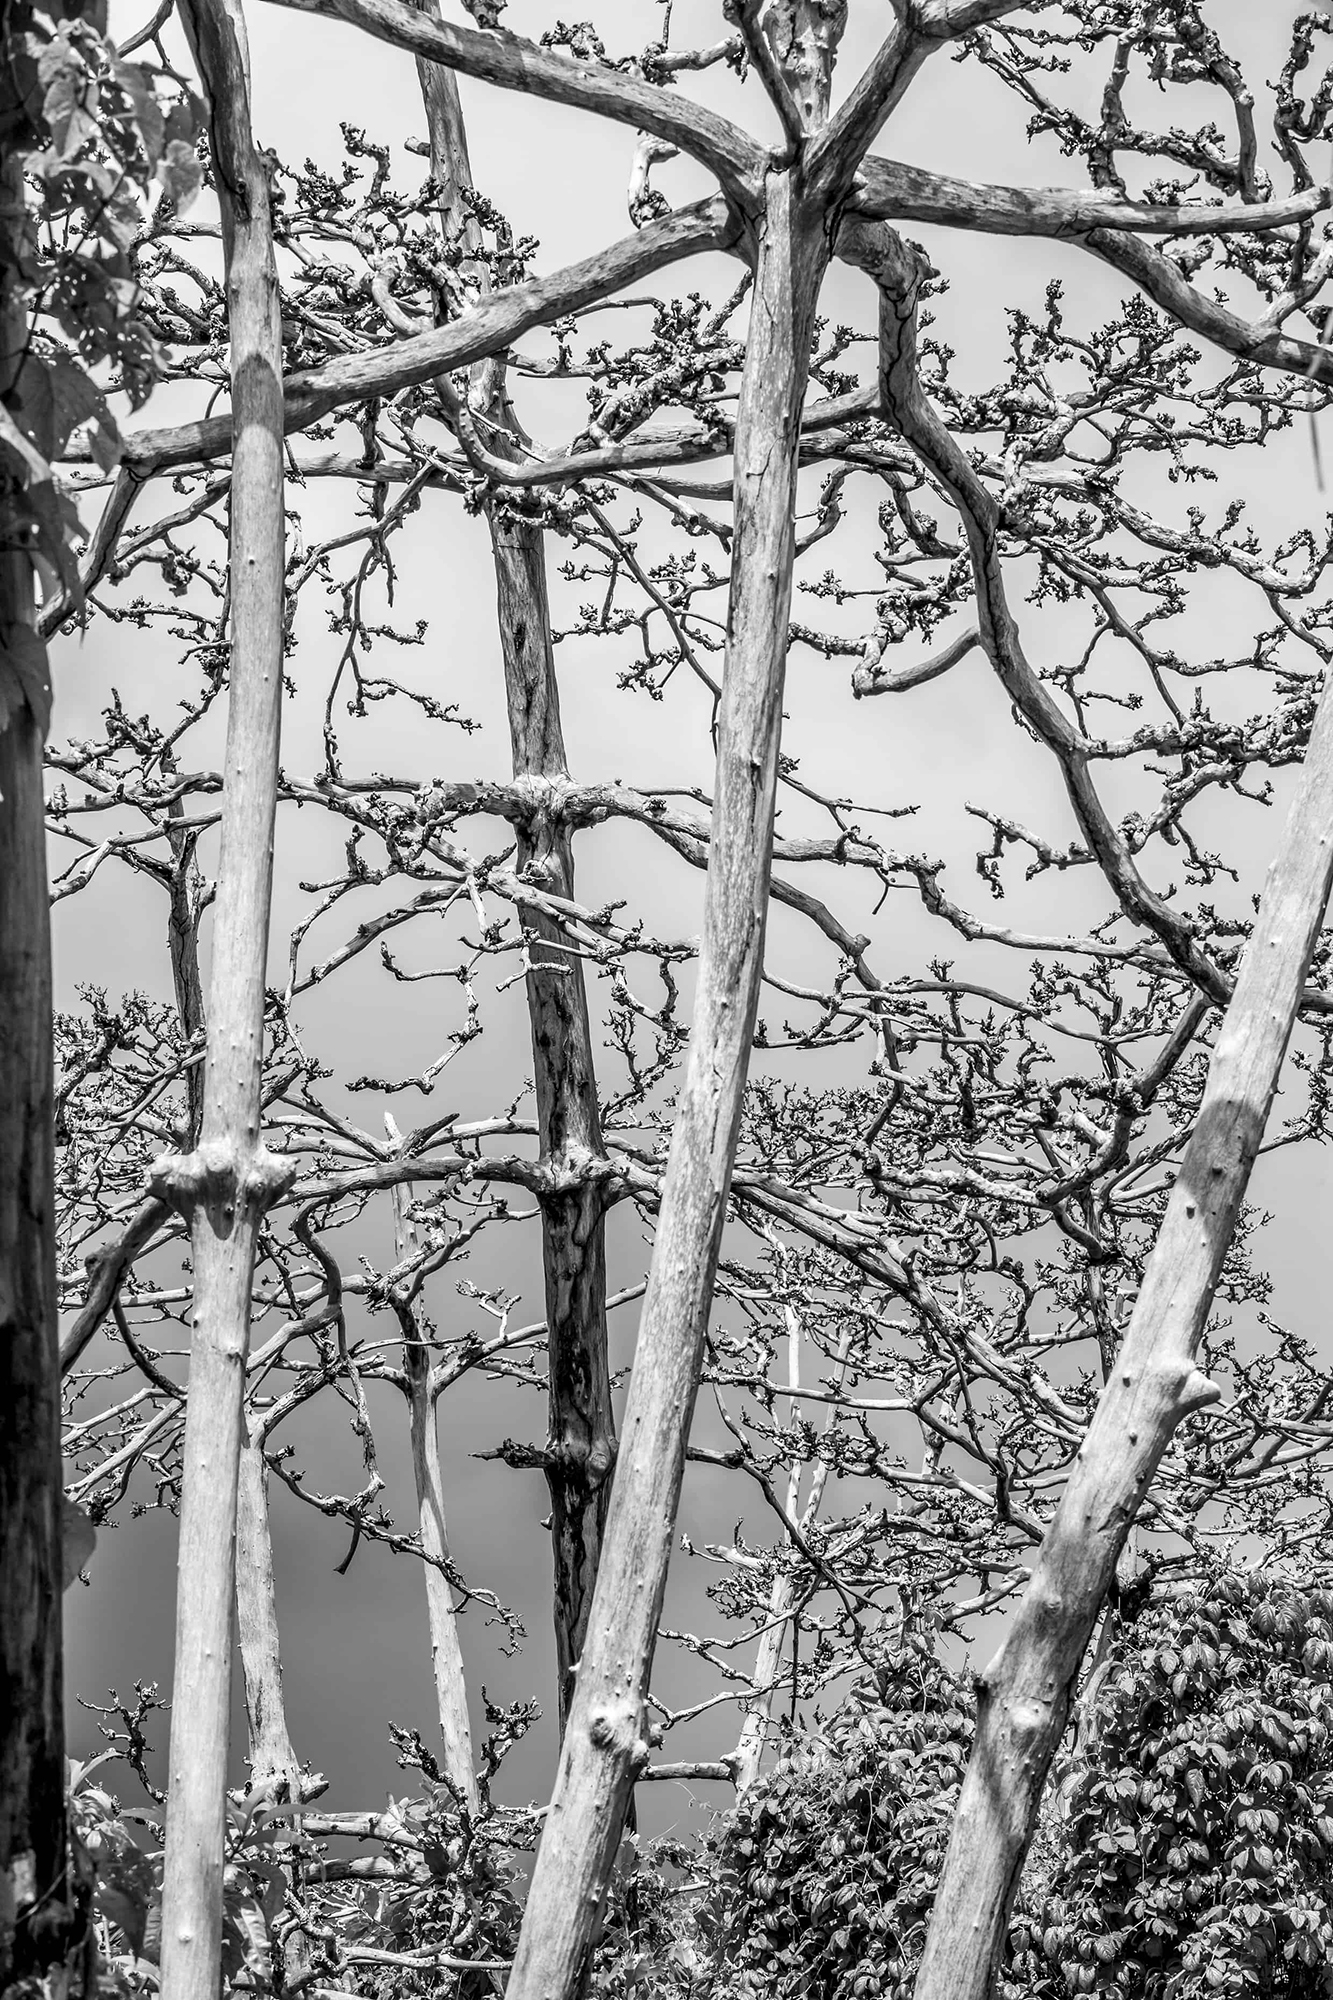 zanzibar arbres morts ciel d'orage